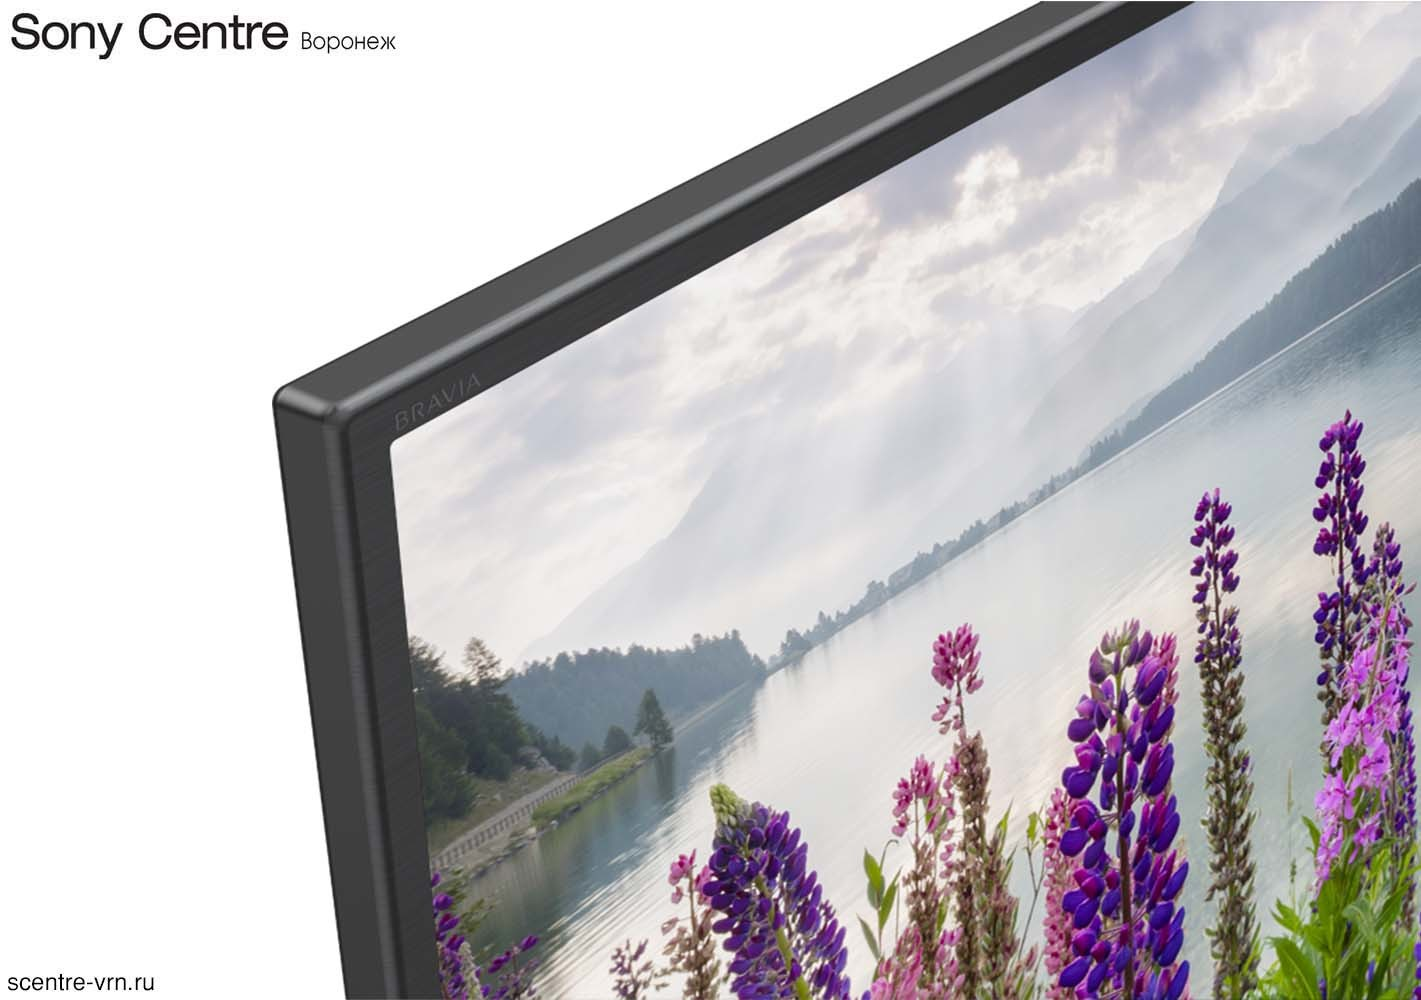 Телевизор KDL-43WF804 купить в интернет-магазине Sony Centre Воронеж